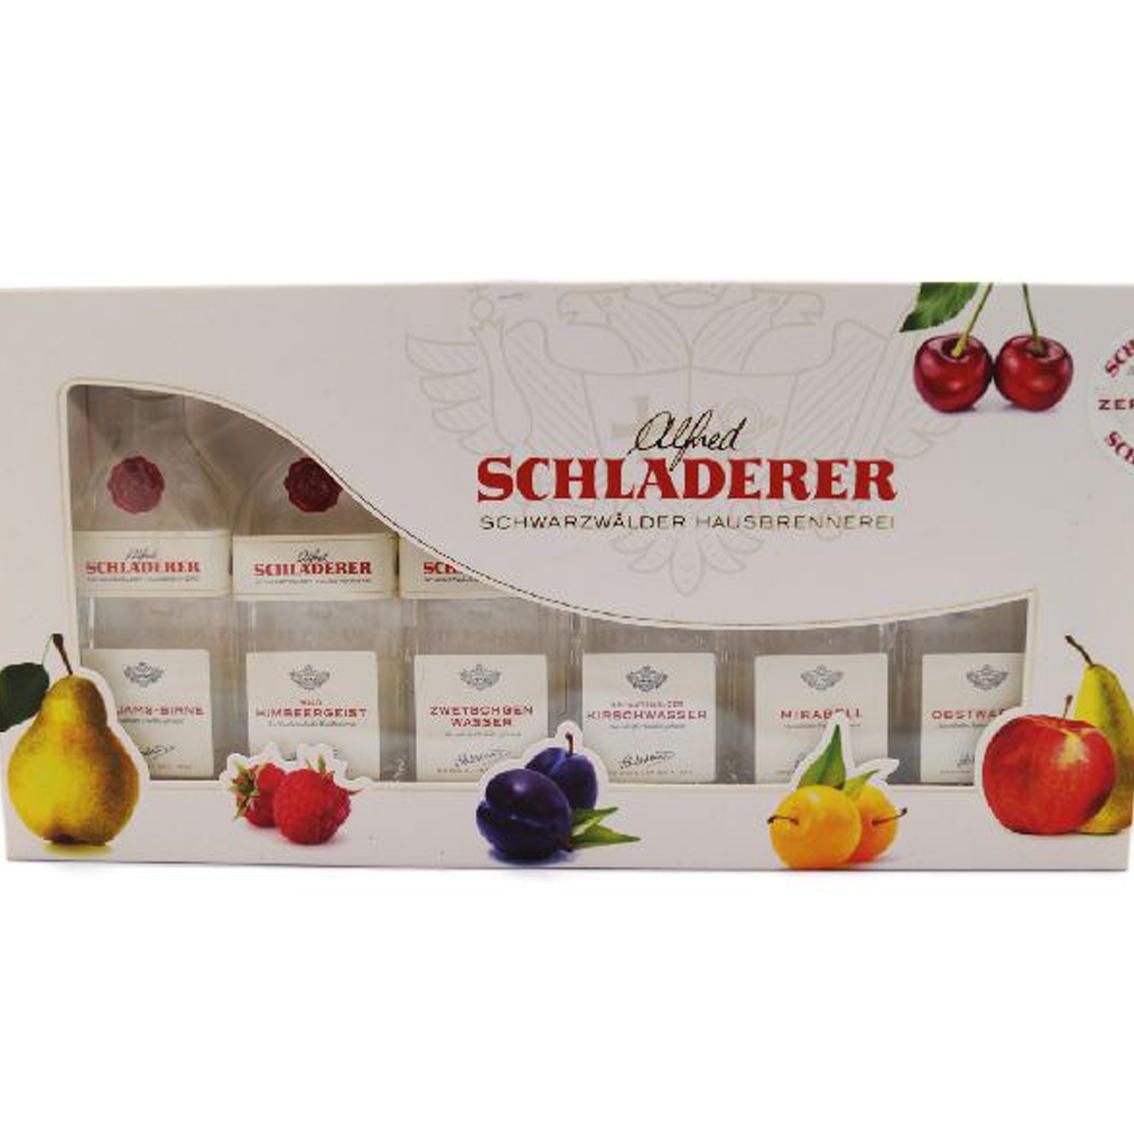 SCHNAPPS-SCHLADERER-SET